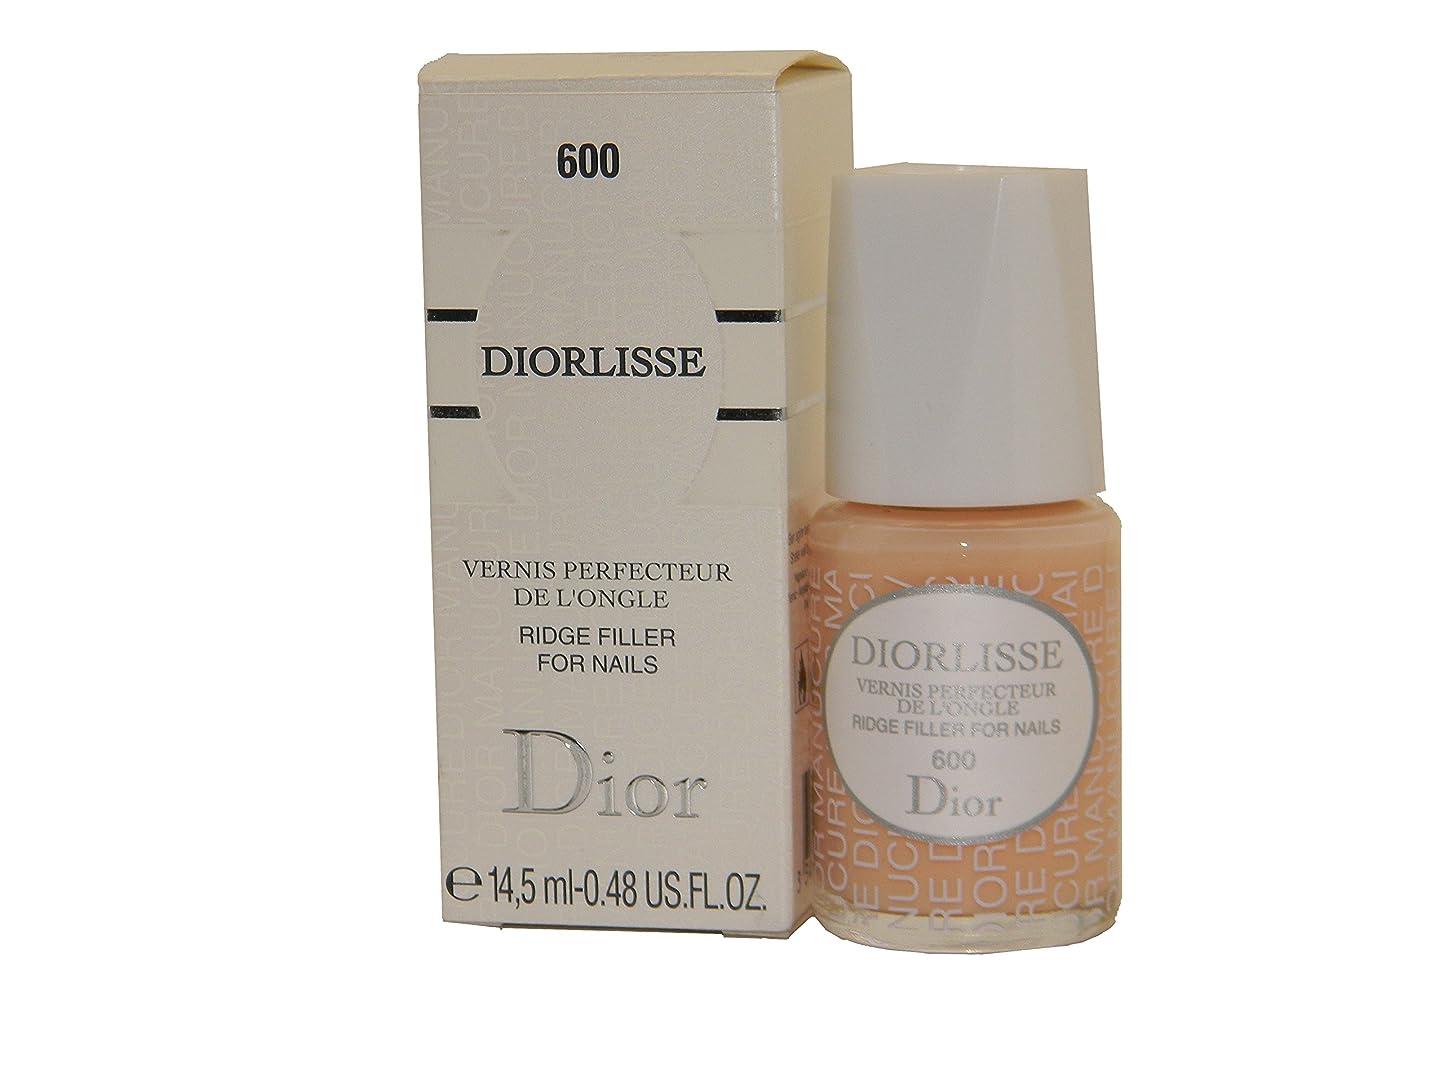 勇者擬人化活性化するDior Diorlisse Ridge Filler For Nail 600(ディオールリス リッジフィラー フォーネイル 600)[海外直送品] [並行輸入品]